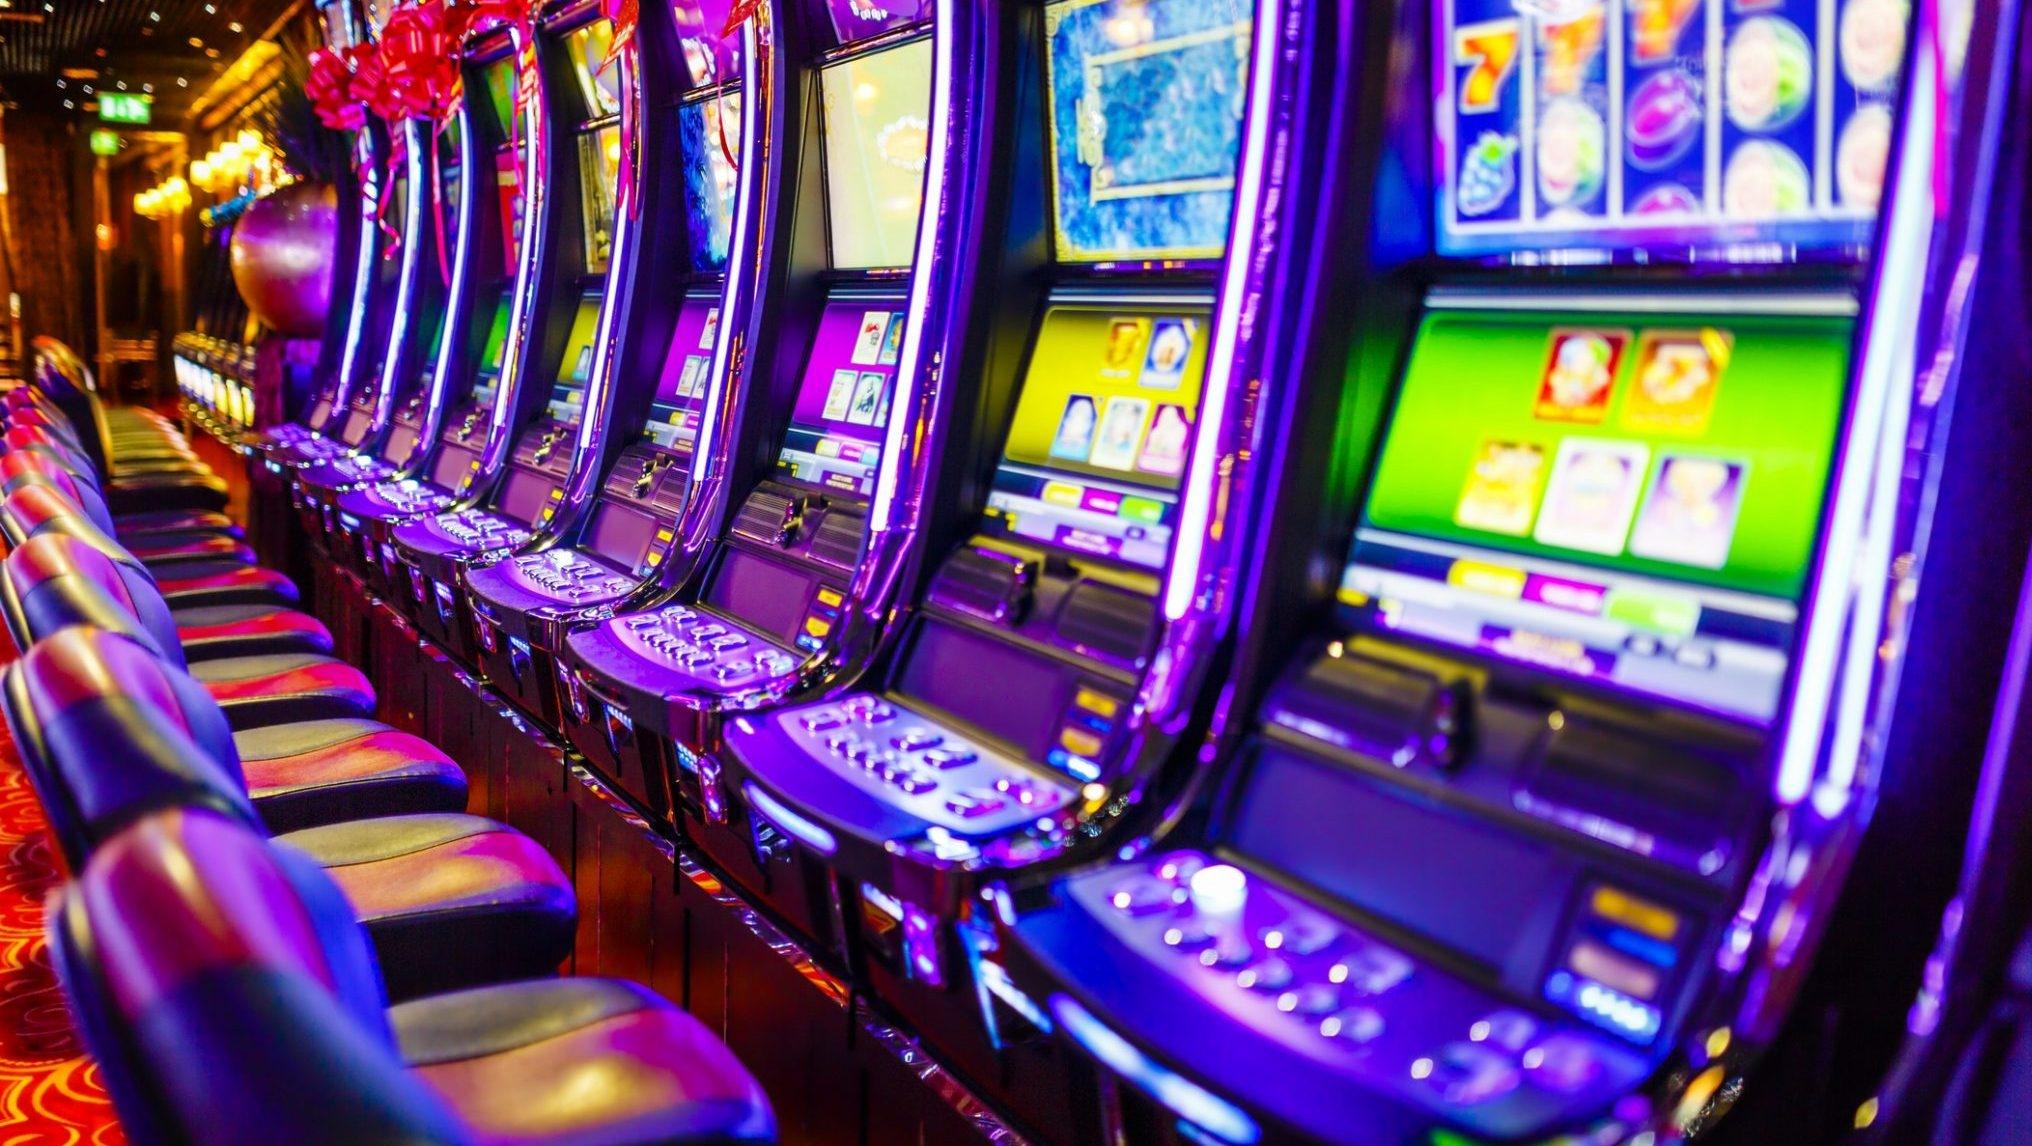 Đơn giản hóa điều kiện kinh doanh casino, chứng khoán, bảo hiểm